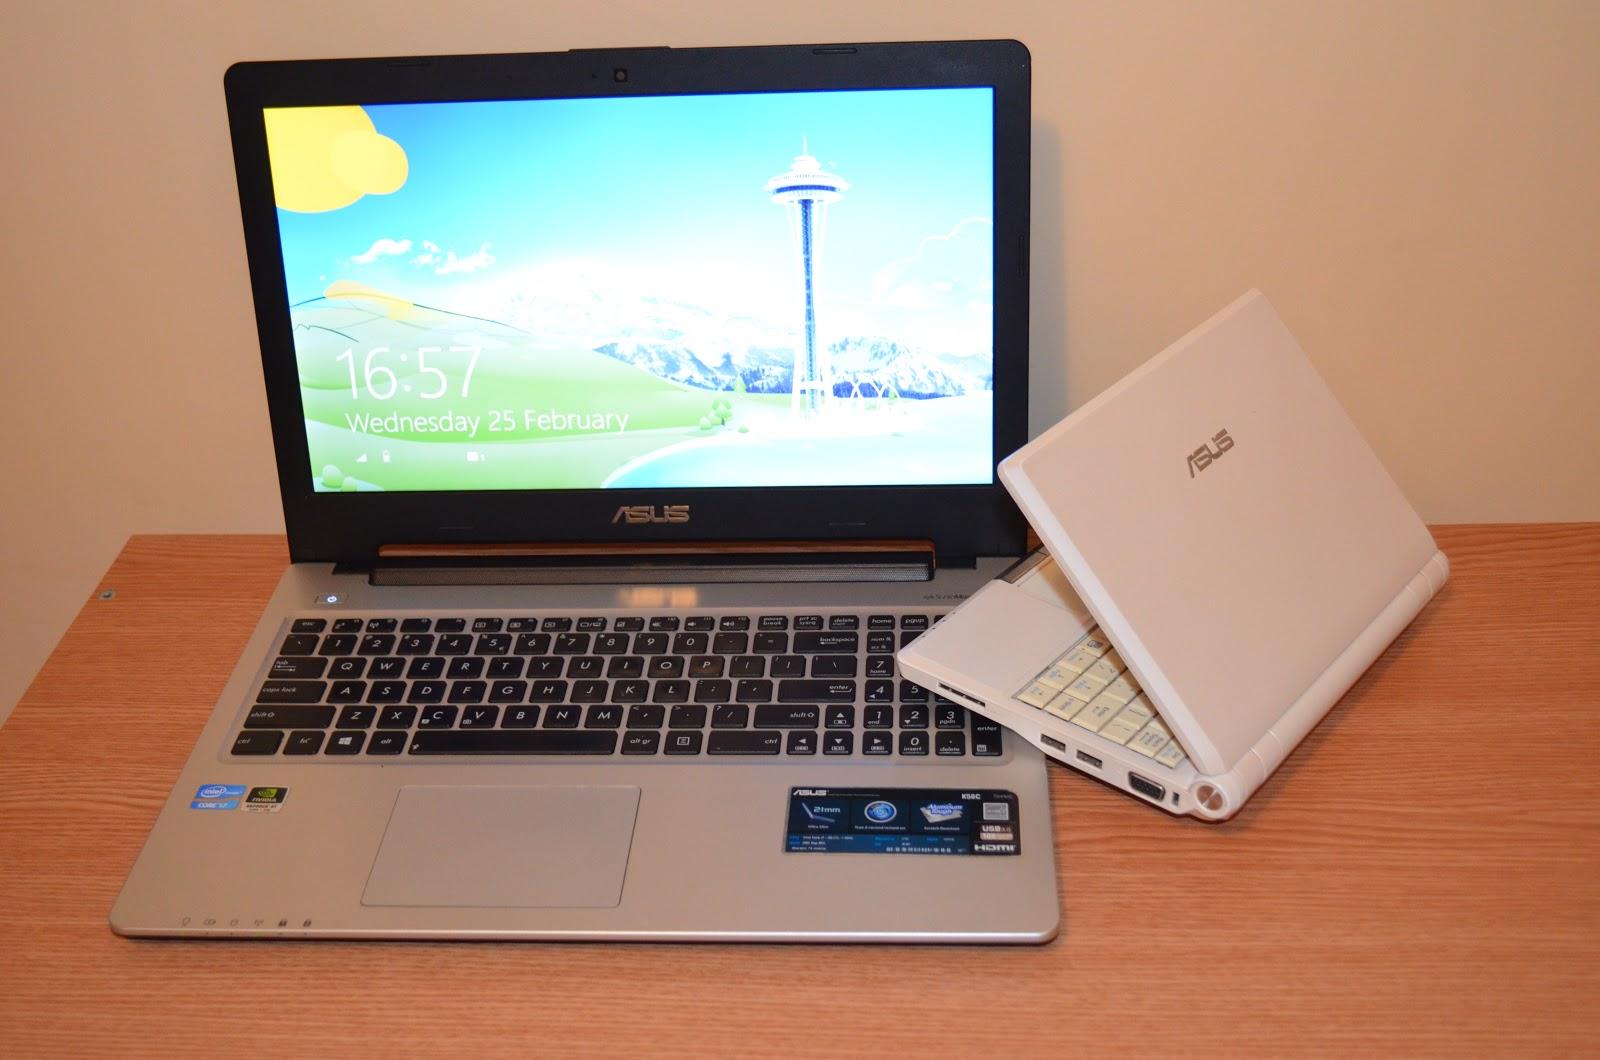 Nu va lipsi din pachet nici laptop-ul Asus K56C (procesor i7 + 4 GB RAM), cât și notebook-ul Asus Eee PC care va face upload al fișierelor cât timp voi vizita standurile pentru adunarea de noi materiale foto/video.